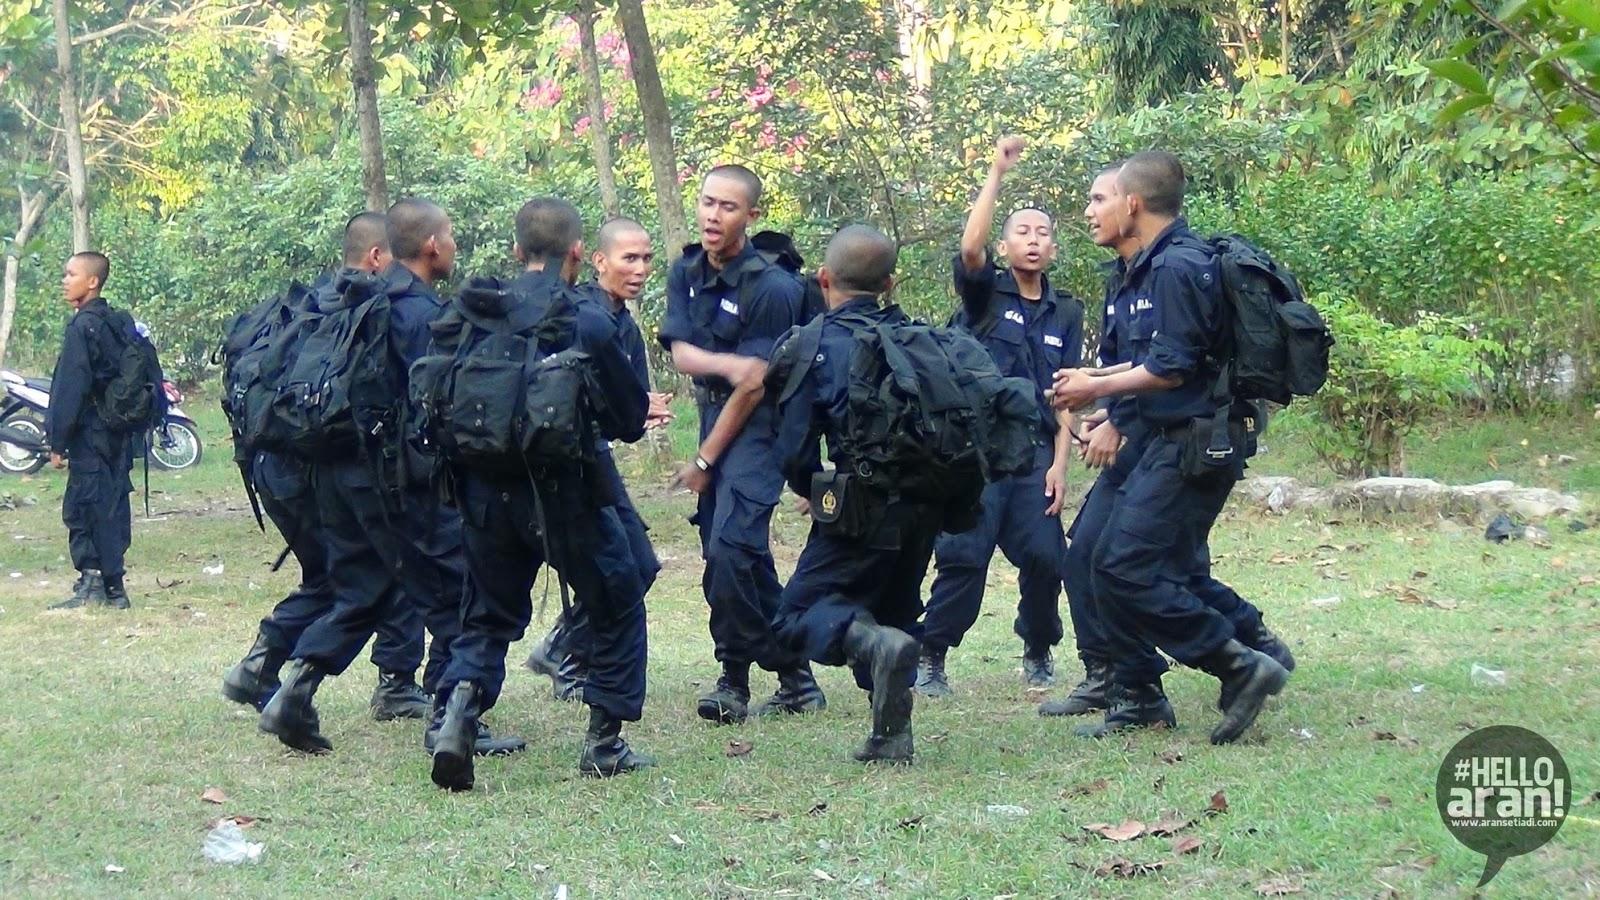 simongan, kesemaptaan, survival, prajabatan, smk angkatan 9